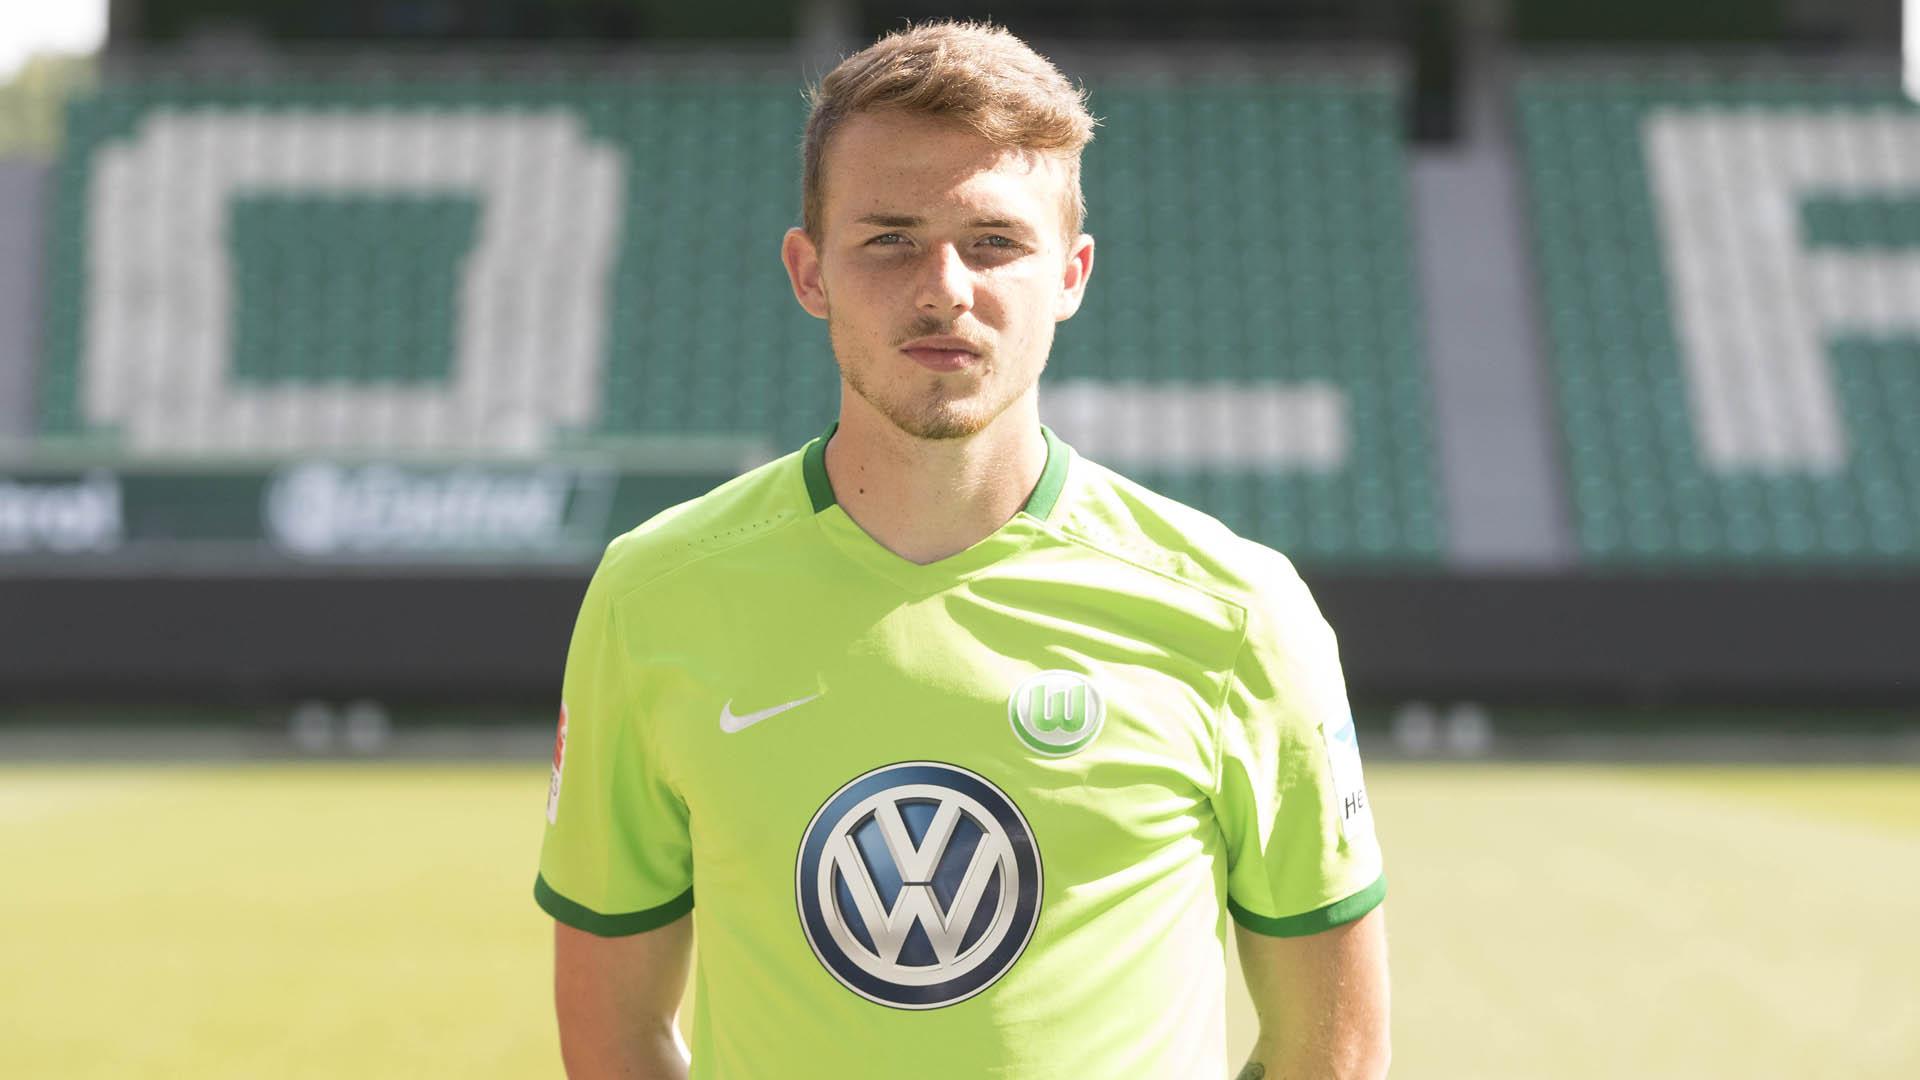 FC Köln verpflichtet Wolfsburger Defensivspieler Horn